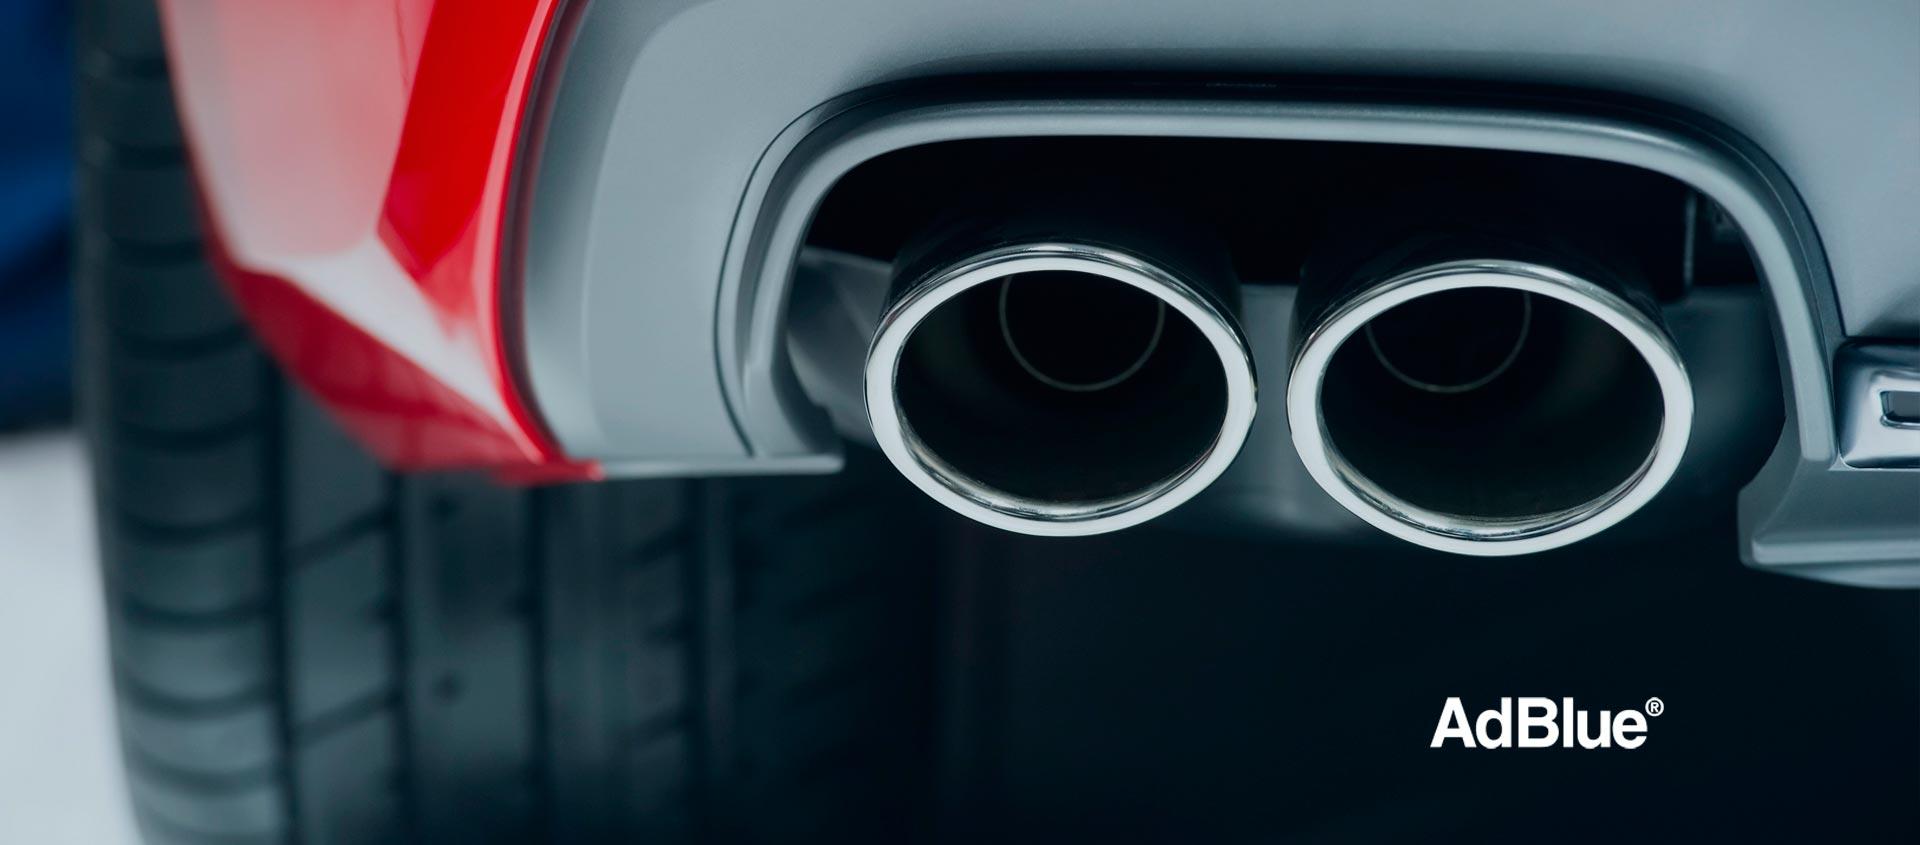 Añade AdBlue a tu vehículo para mejorar tu motor y el medio ambiente